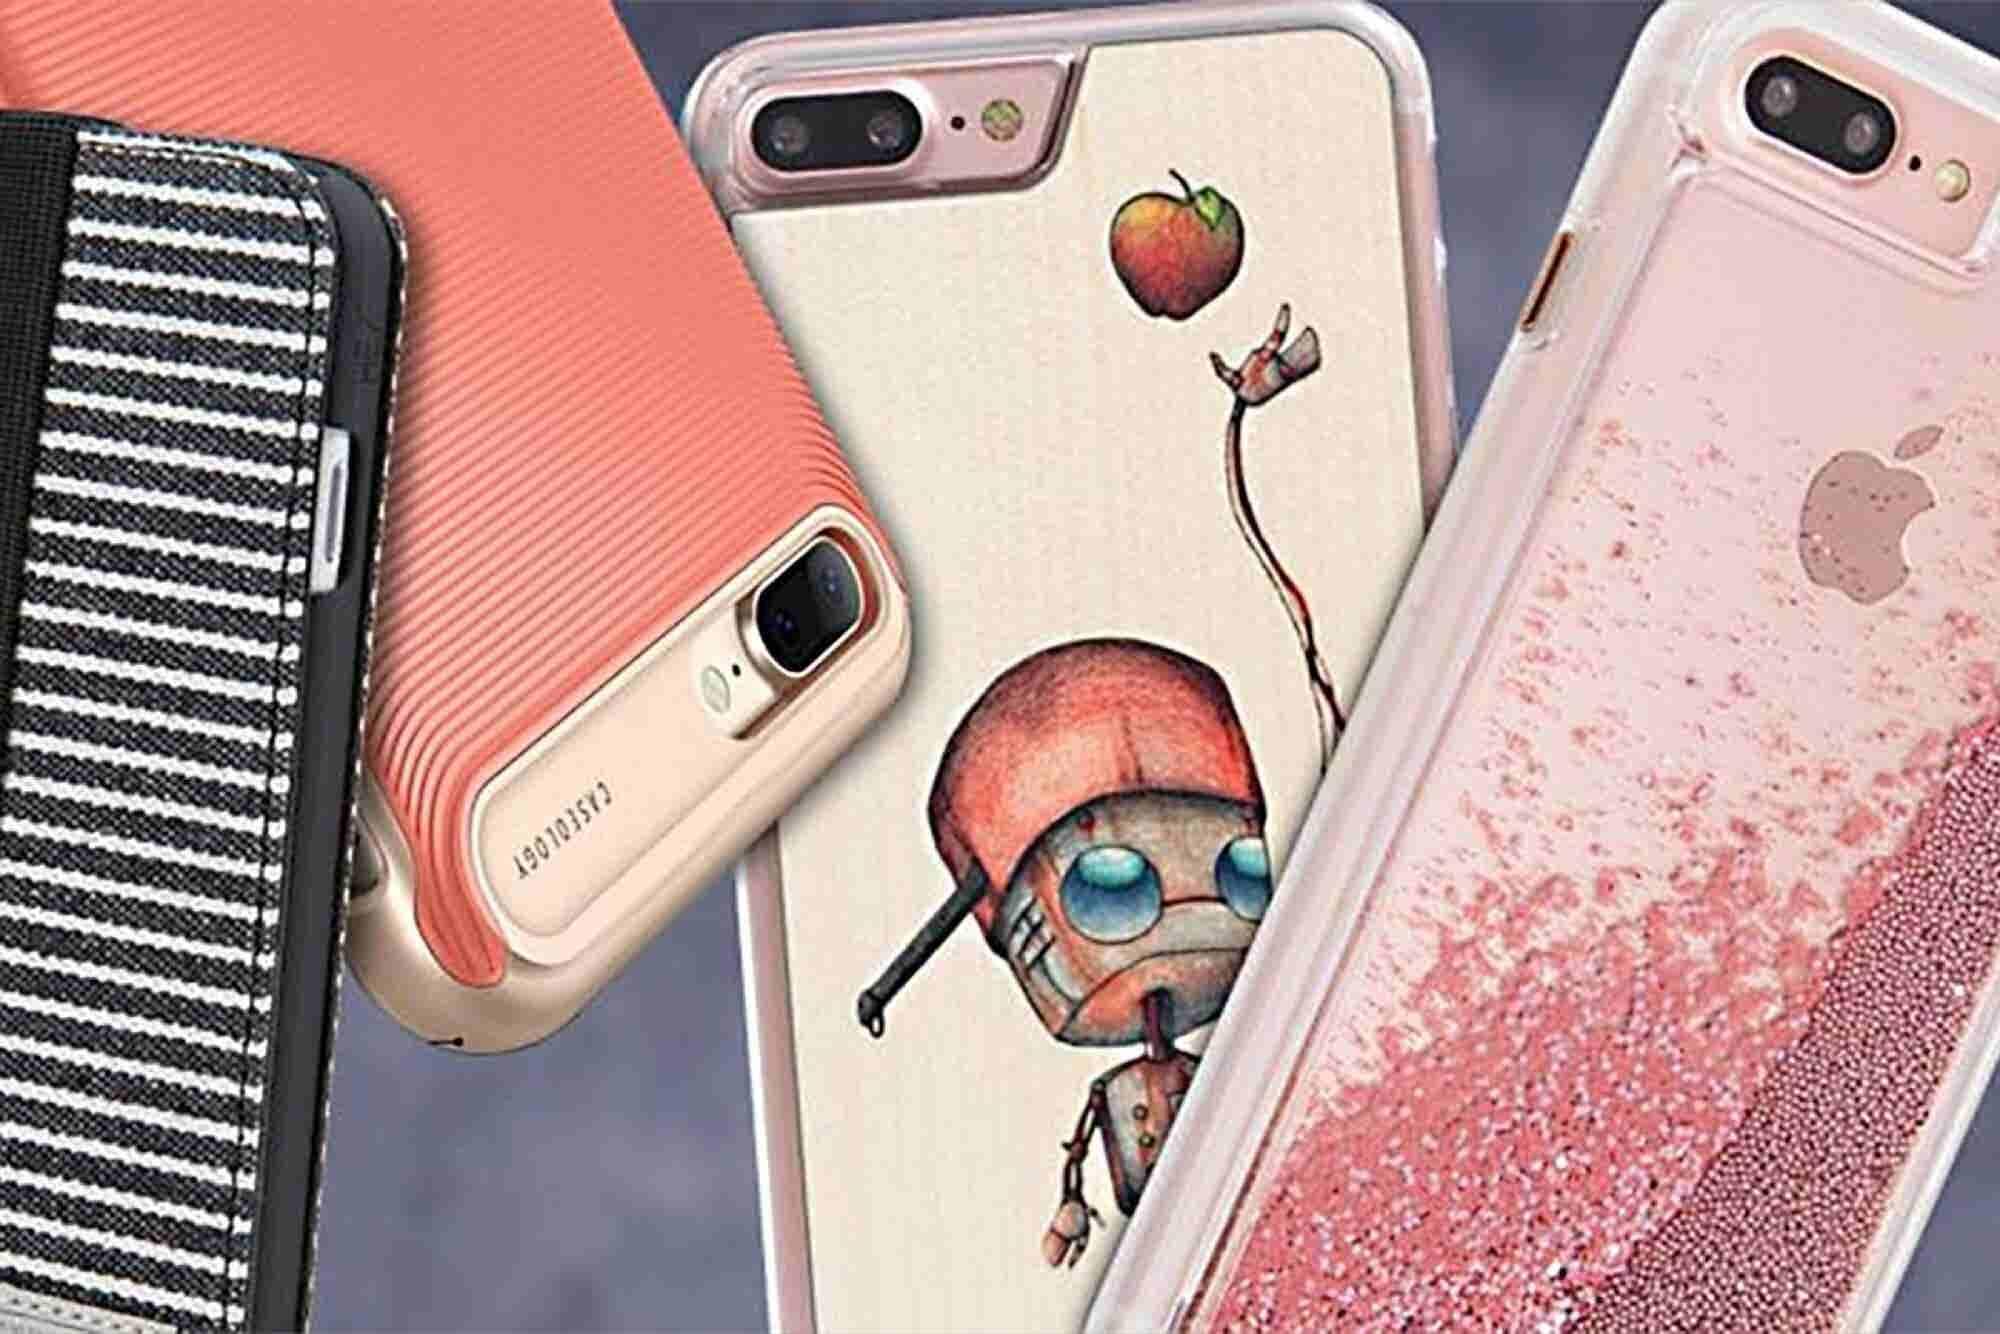 The Best Apple iPhone 7 Plus Cases